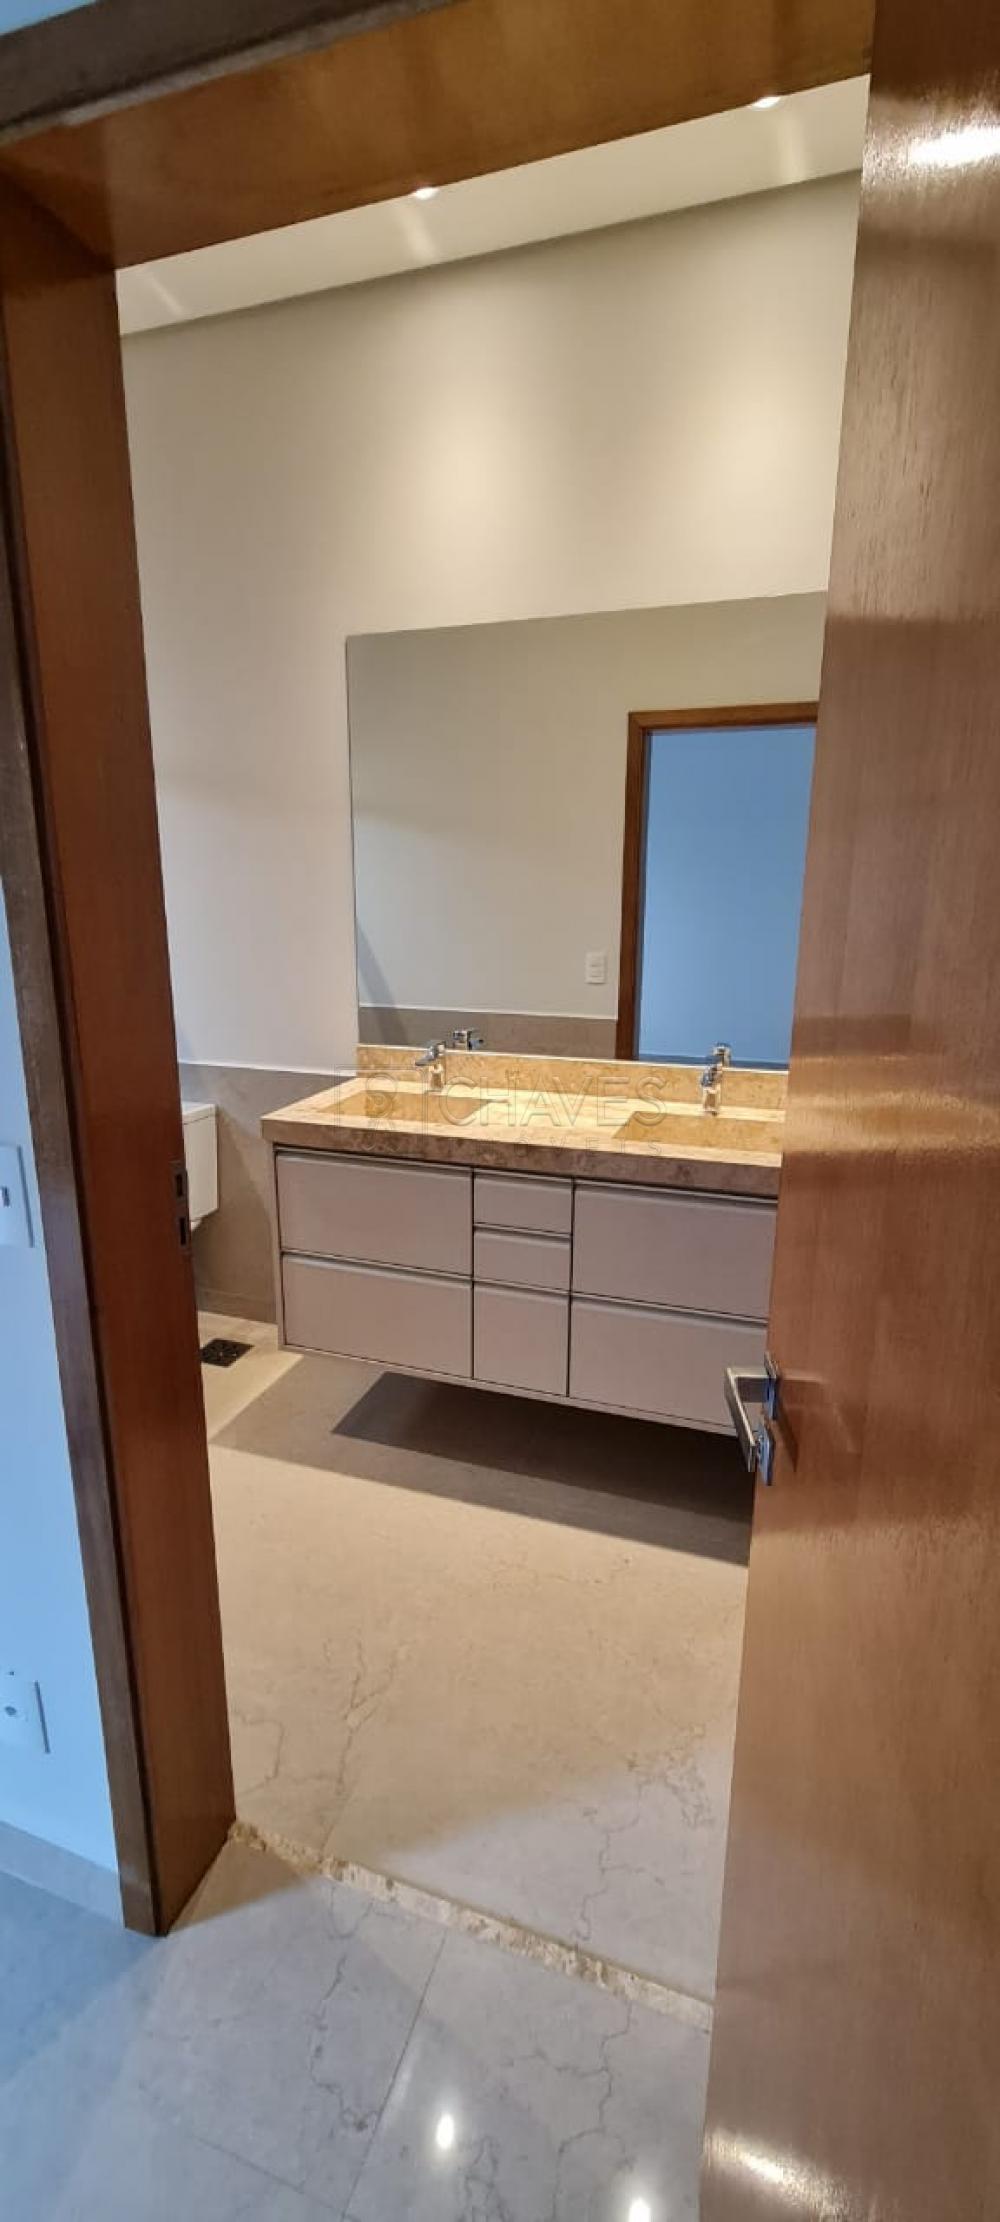 Comprar Casa / Condomínio em Ribeirão Preto apenas R$ 1.050.000,00 - Foto 26